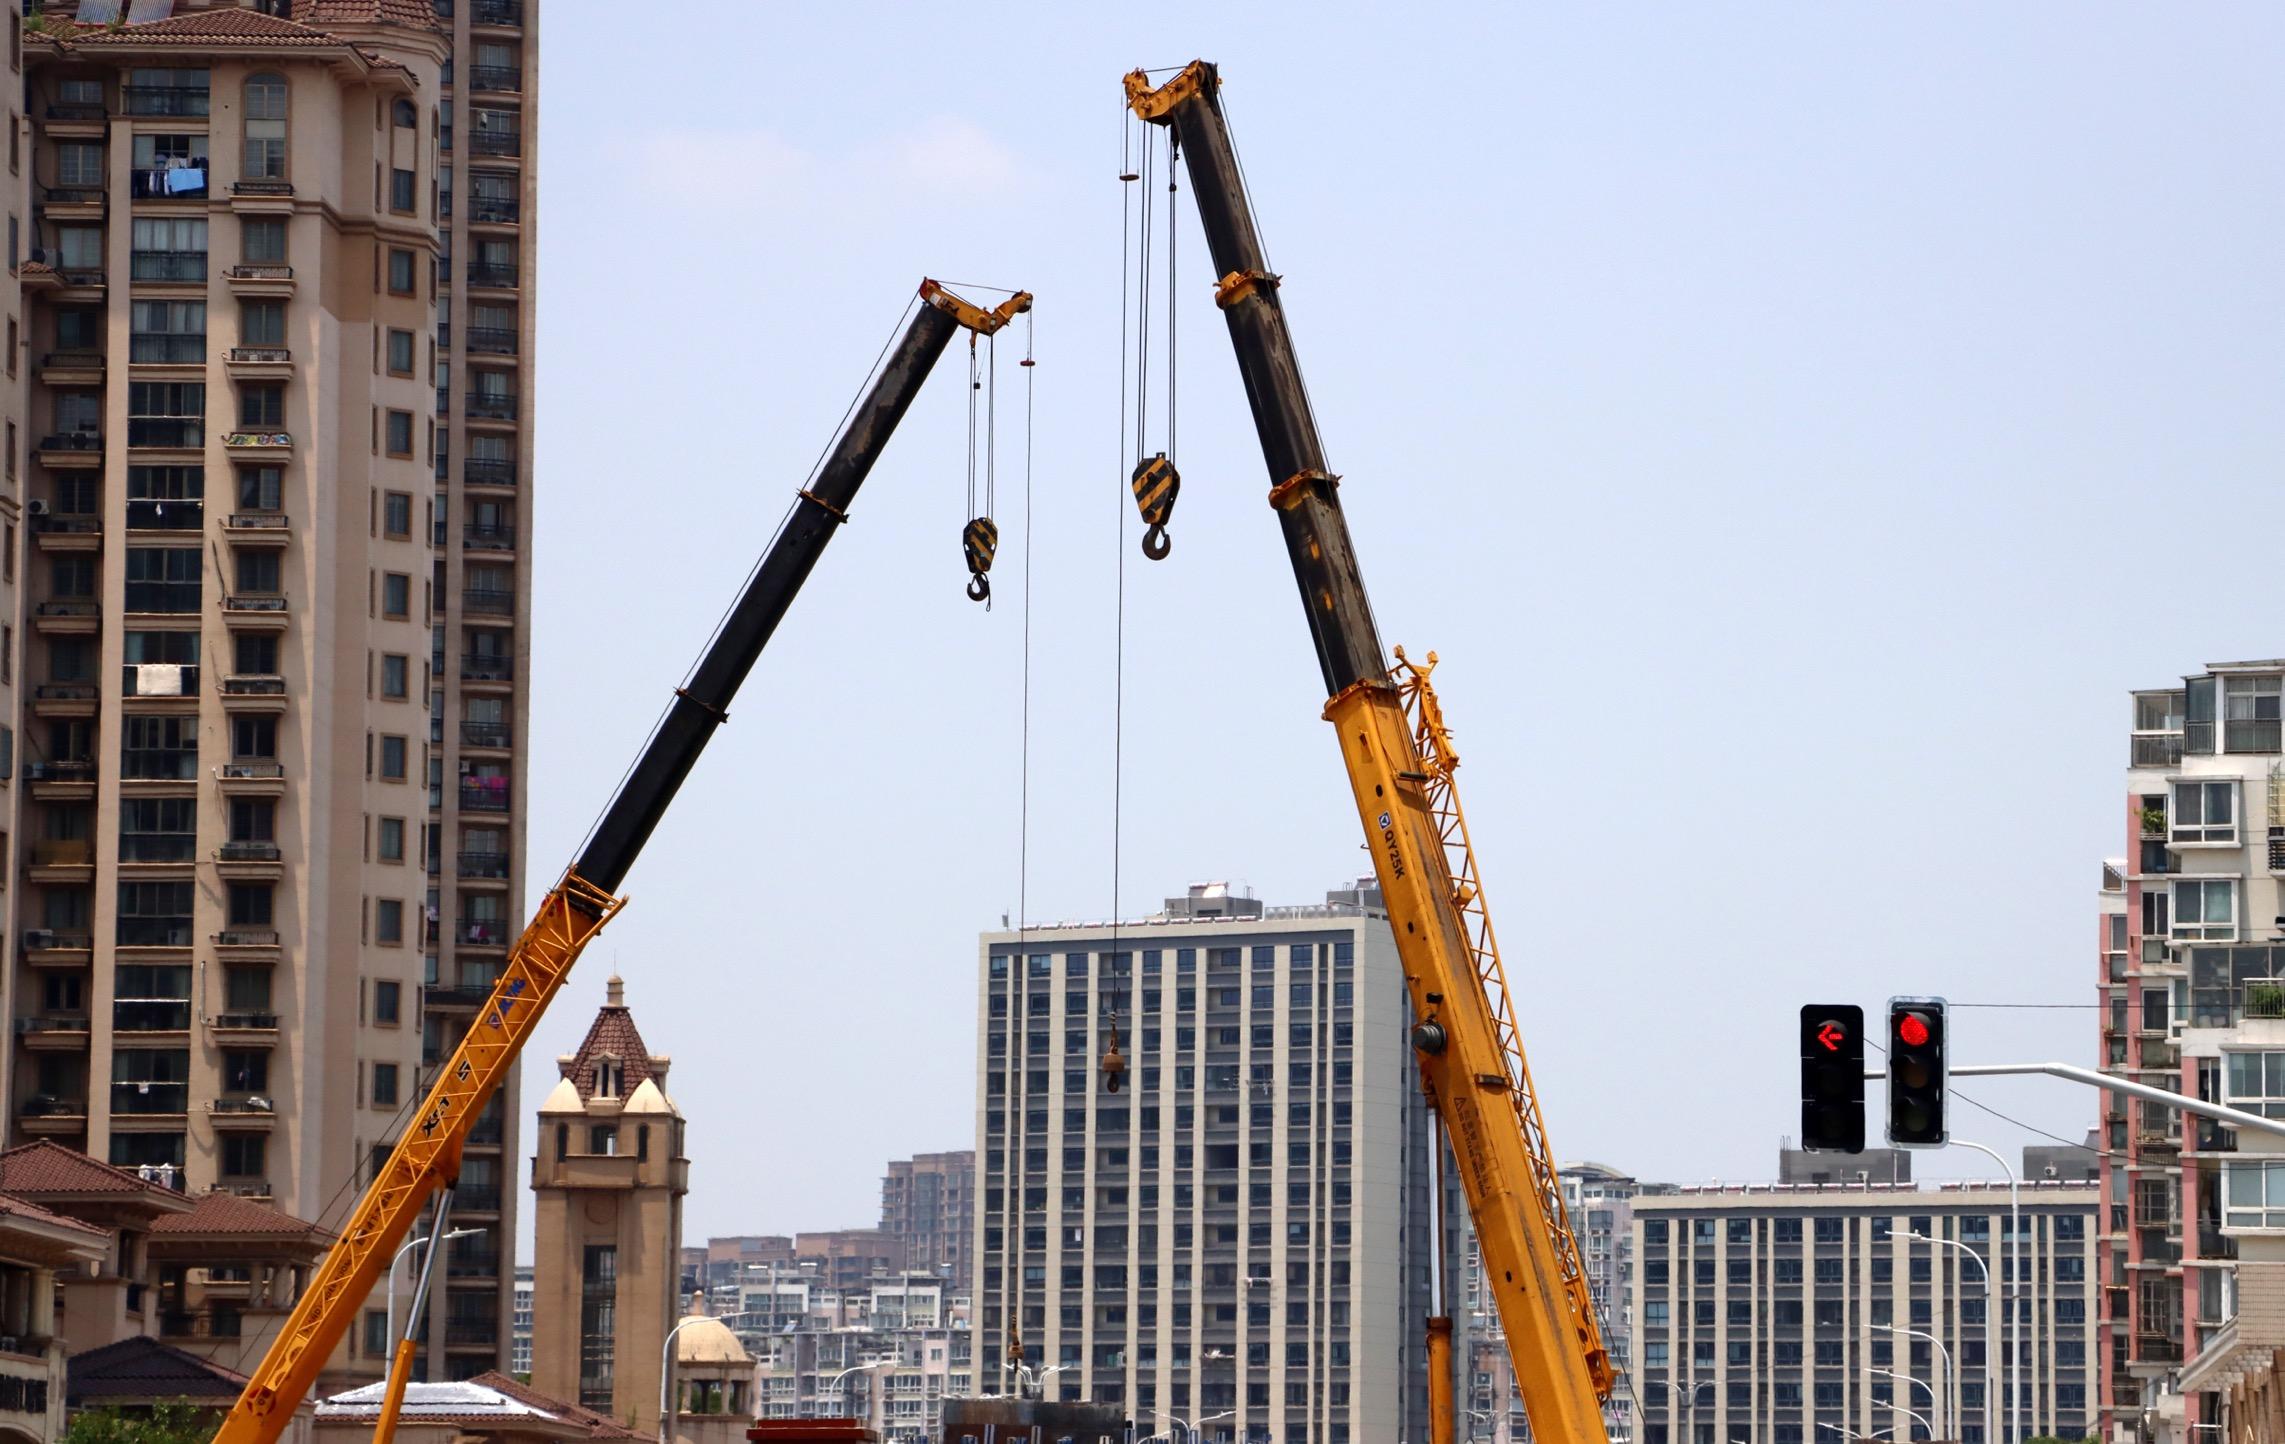 摩登5官网8月财政支出偏向基建,楼市降温影响房地产相关税收